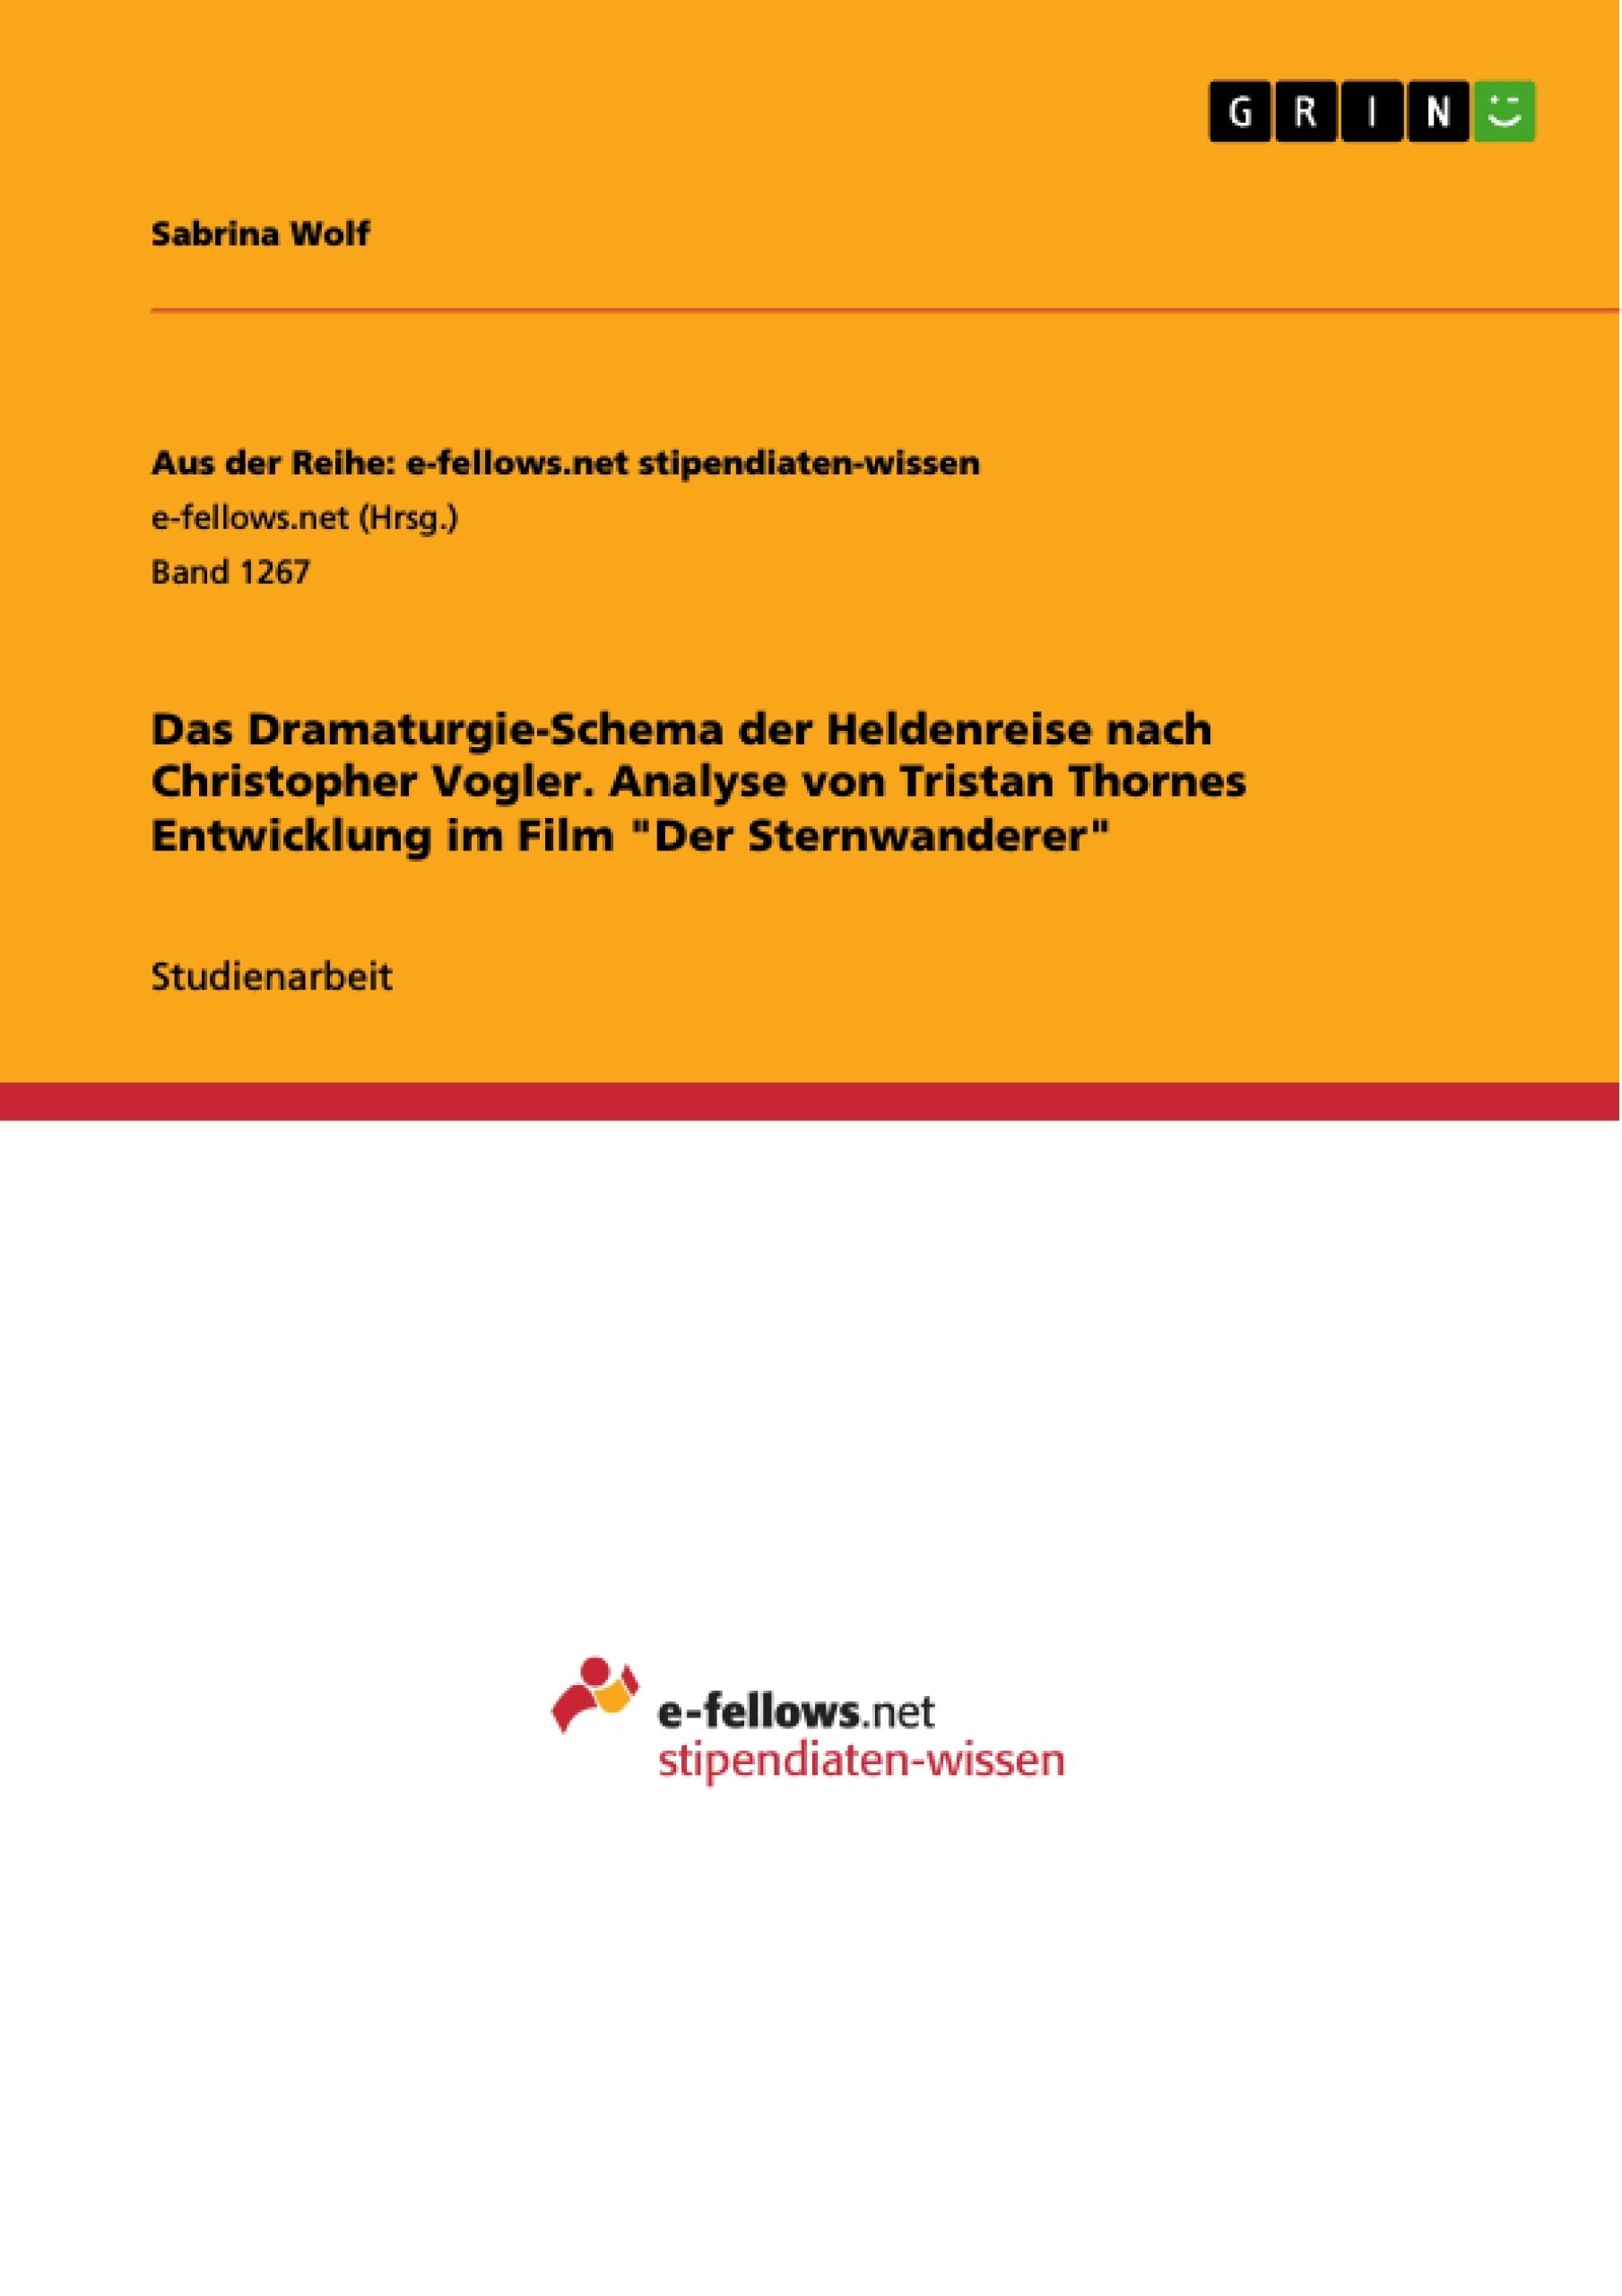 """Titel: Das Dramaturgie-Schema der Heldenreise nach Christopher Vogler. Analyse von Tristan Thornes Entwicklung im Film """"Der Sternwanderer"""""""